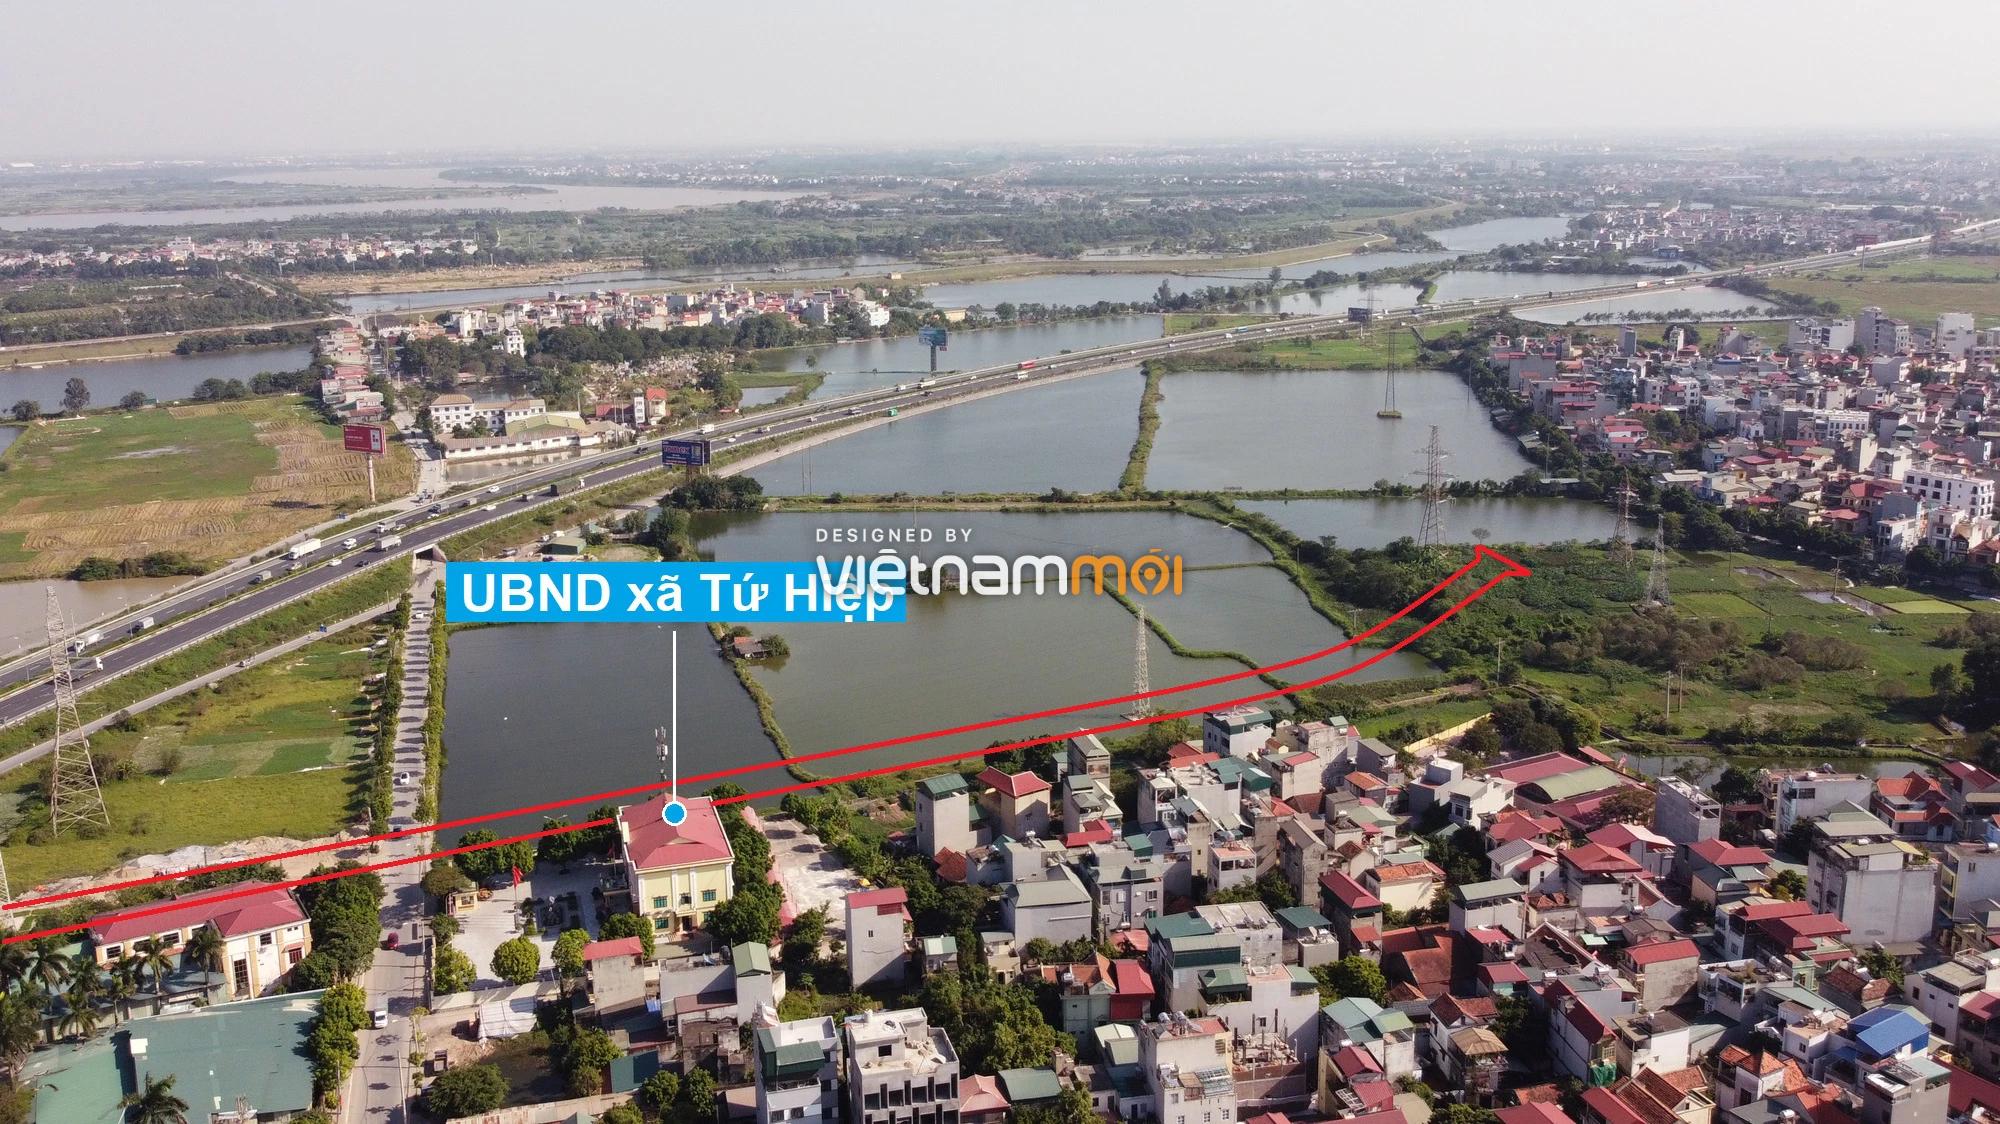 Những khu đất sắp thu hồi để mở đường ở xã Tứ Hiệp, Thanh Trì, Hà Nội (phần 4) - Ảnh 10.